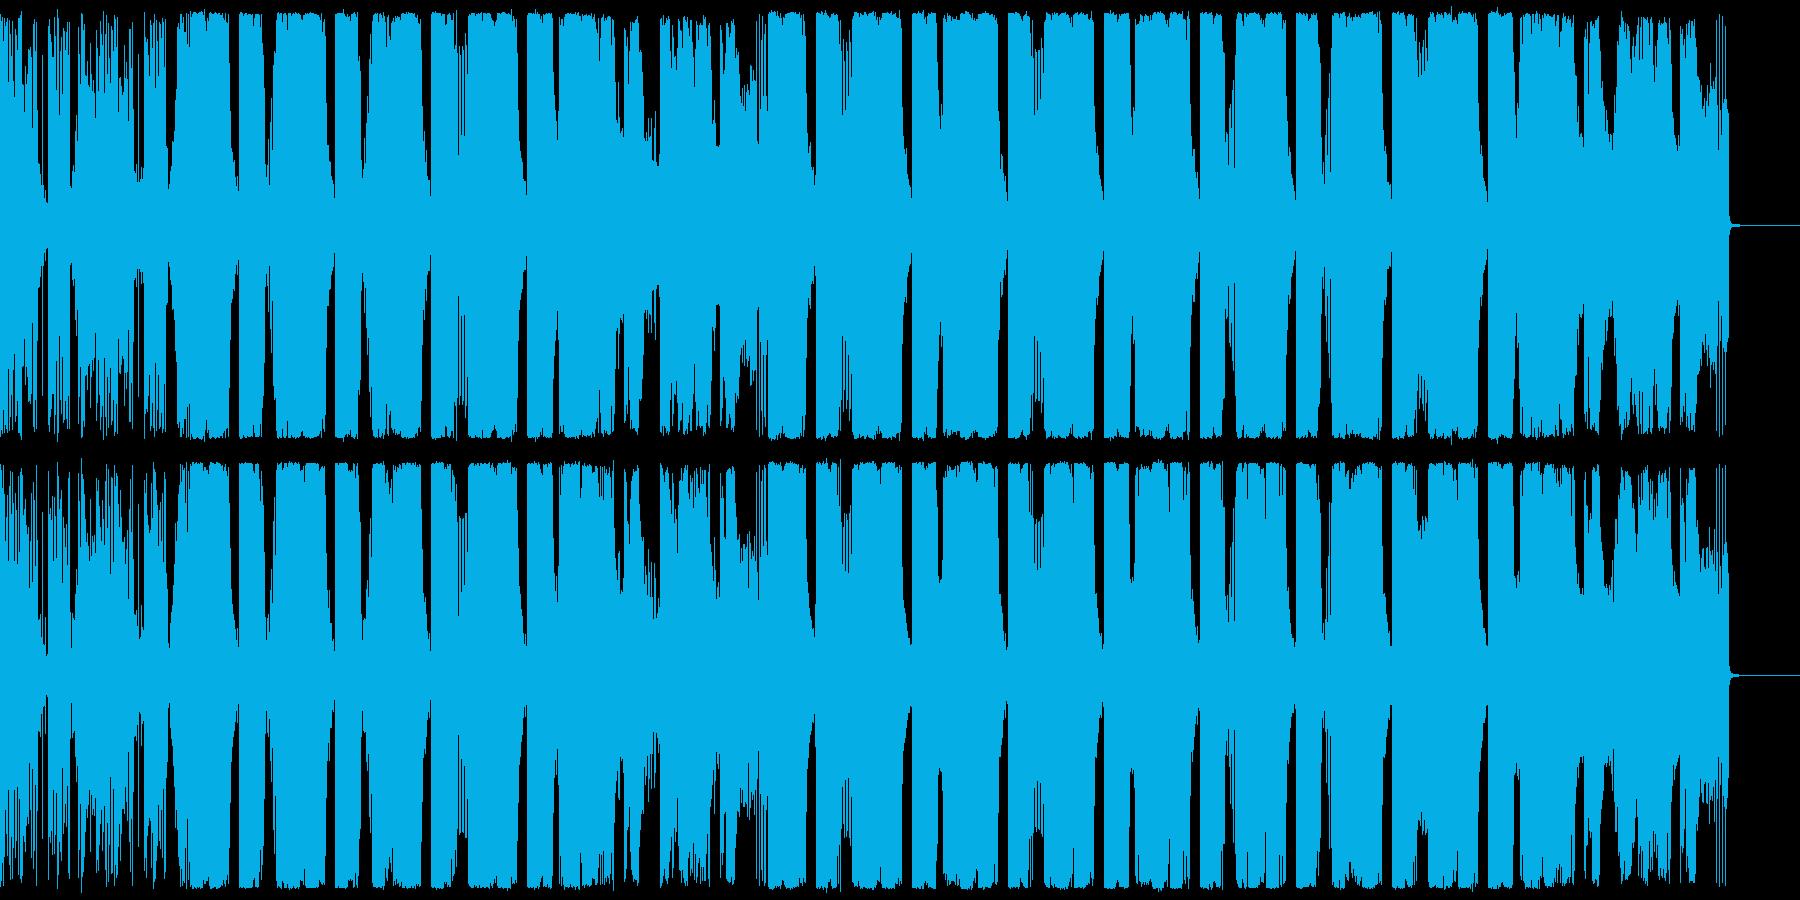 広がりのあるエレクトロ CM・企業VPにの再生済みの波形